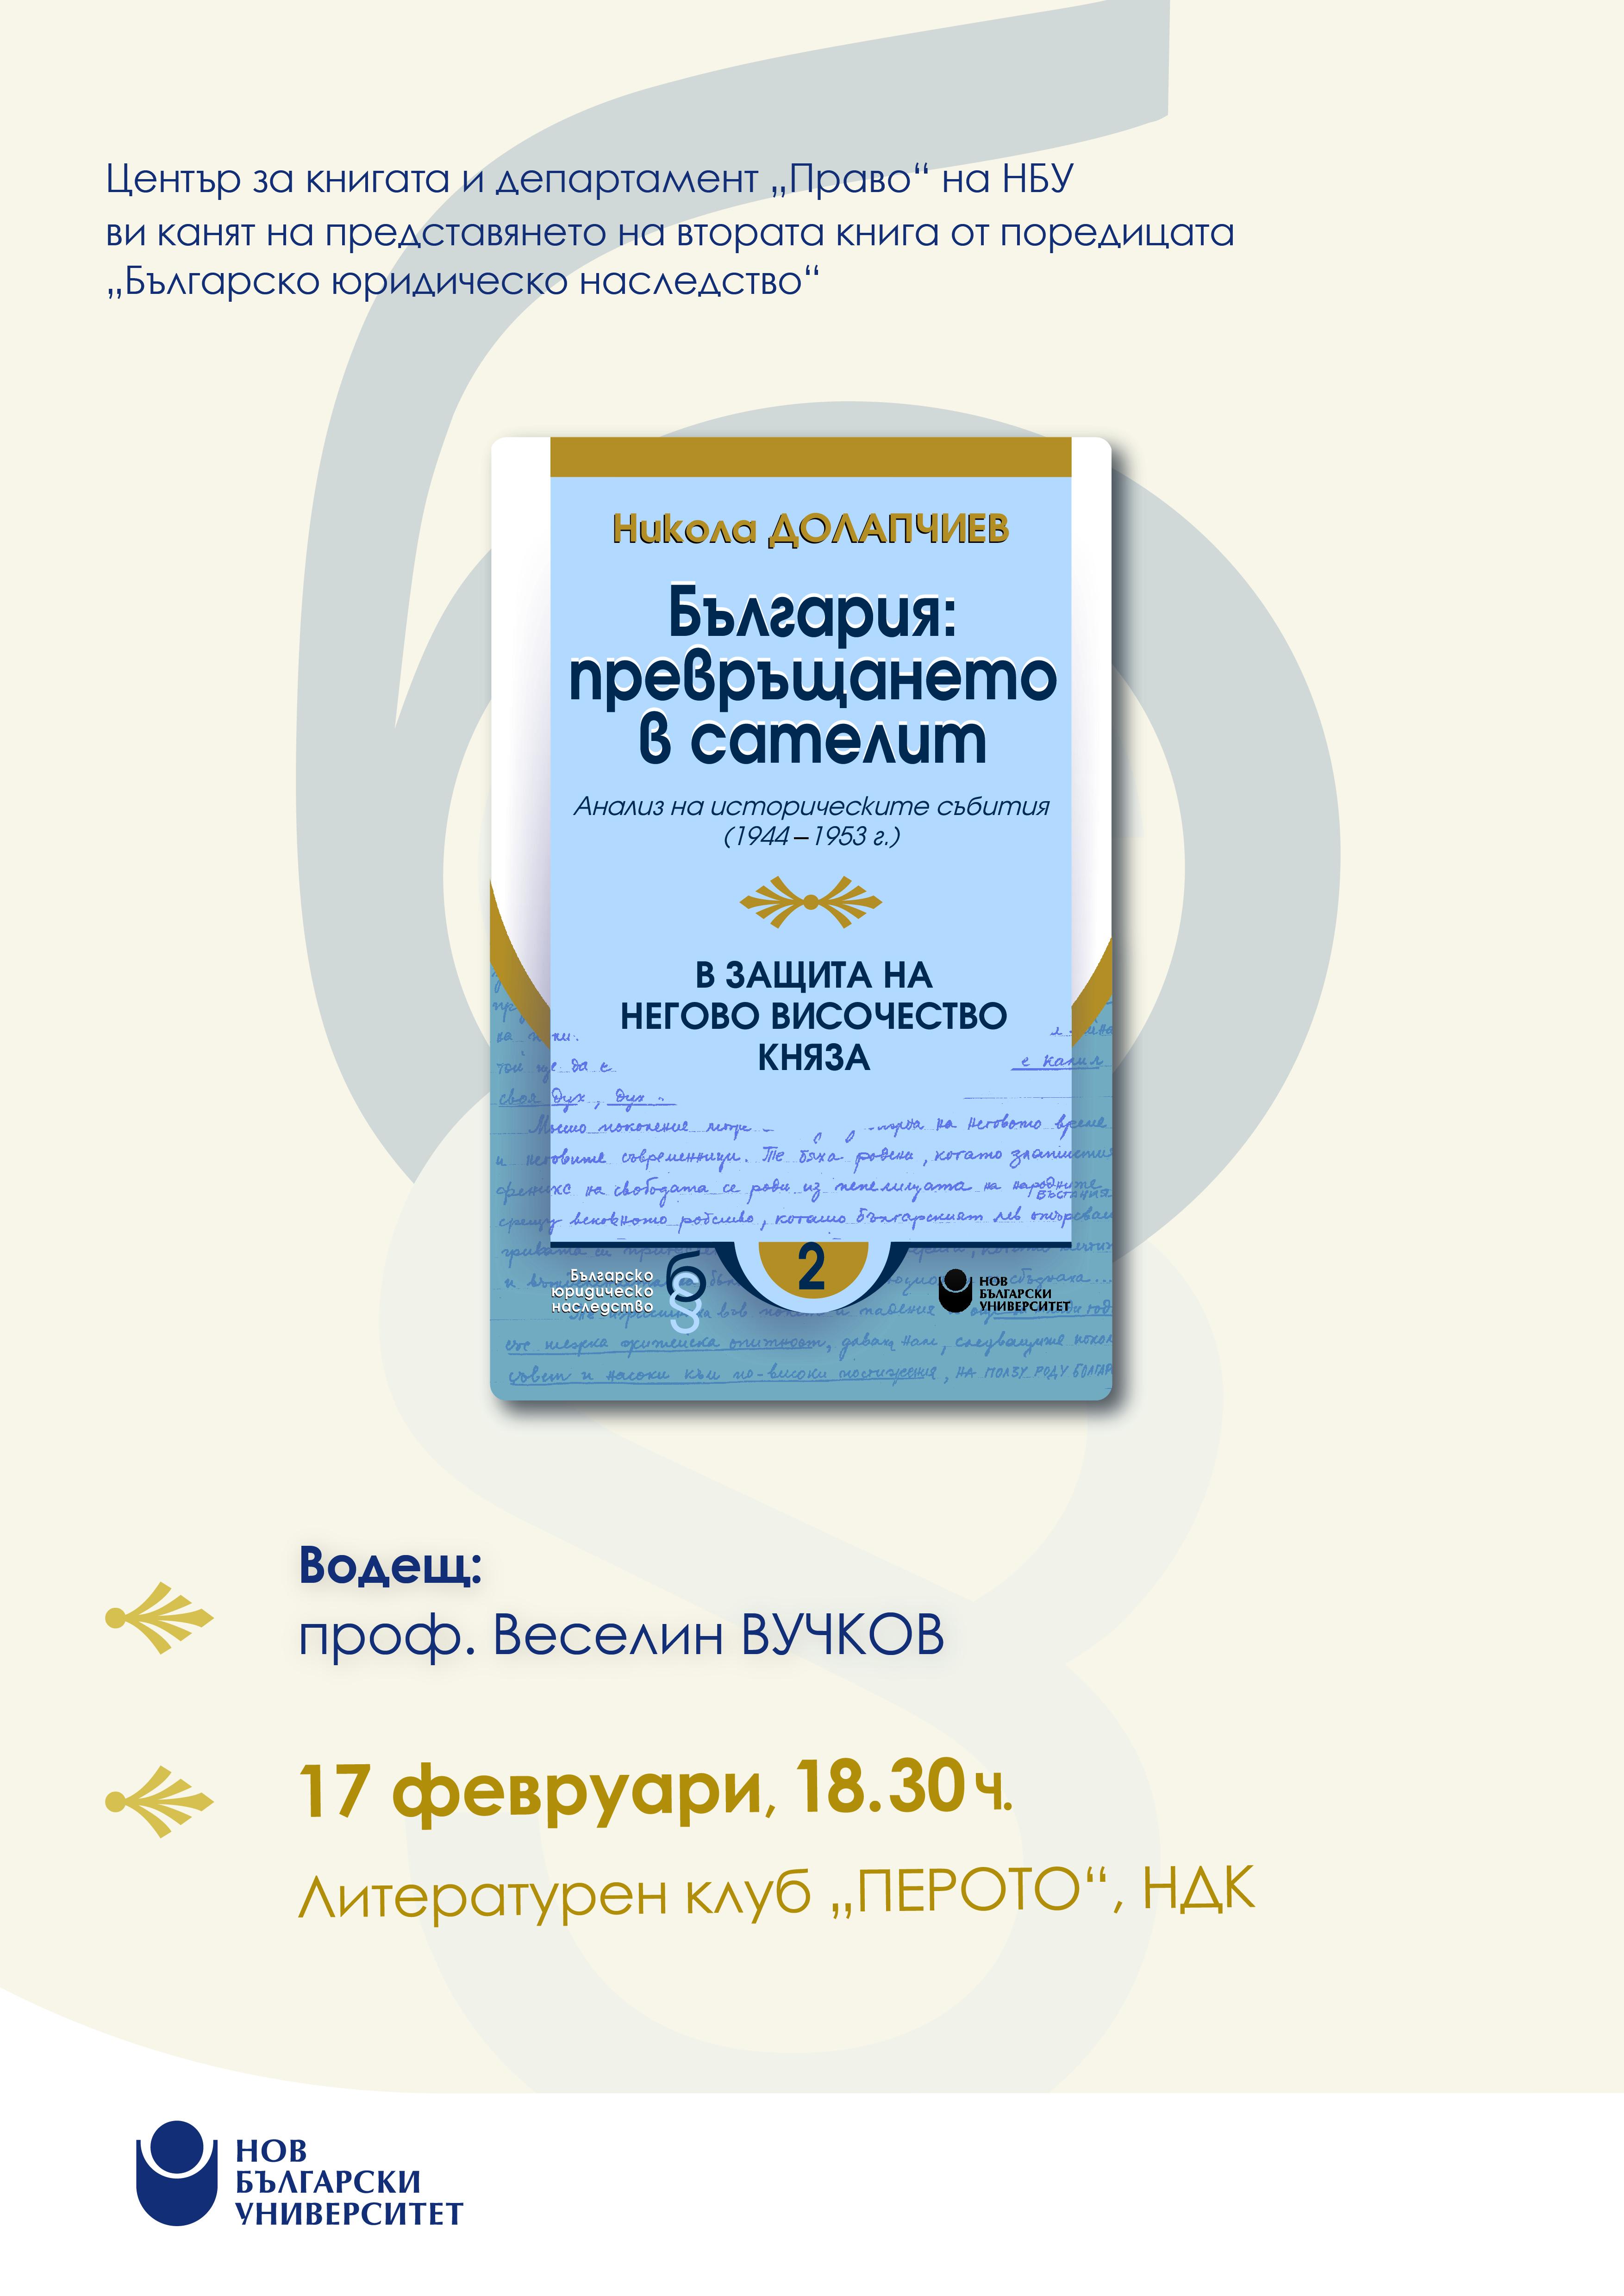 """Представяне на """"България: превръщането в сателит (анализ на историческите събития от 1944 до 1953 г.). В защита на Негово Височество княза"""" от Никола Долапчиев"""